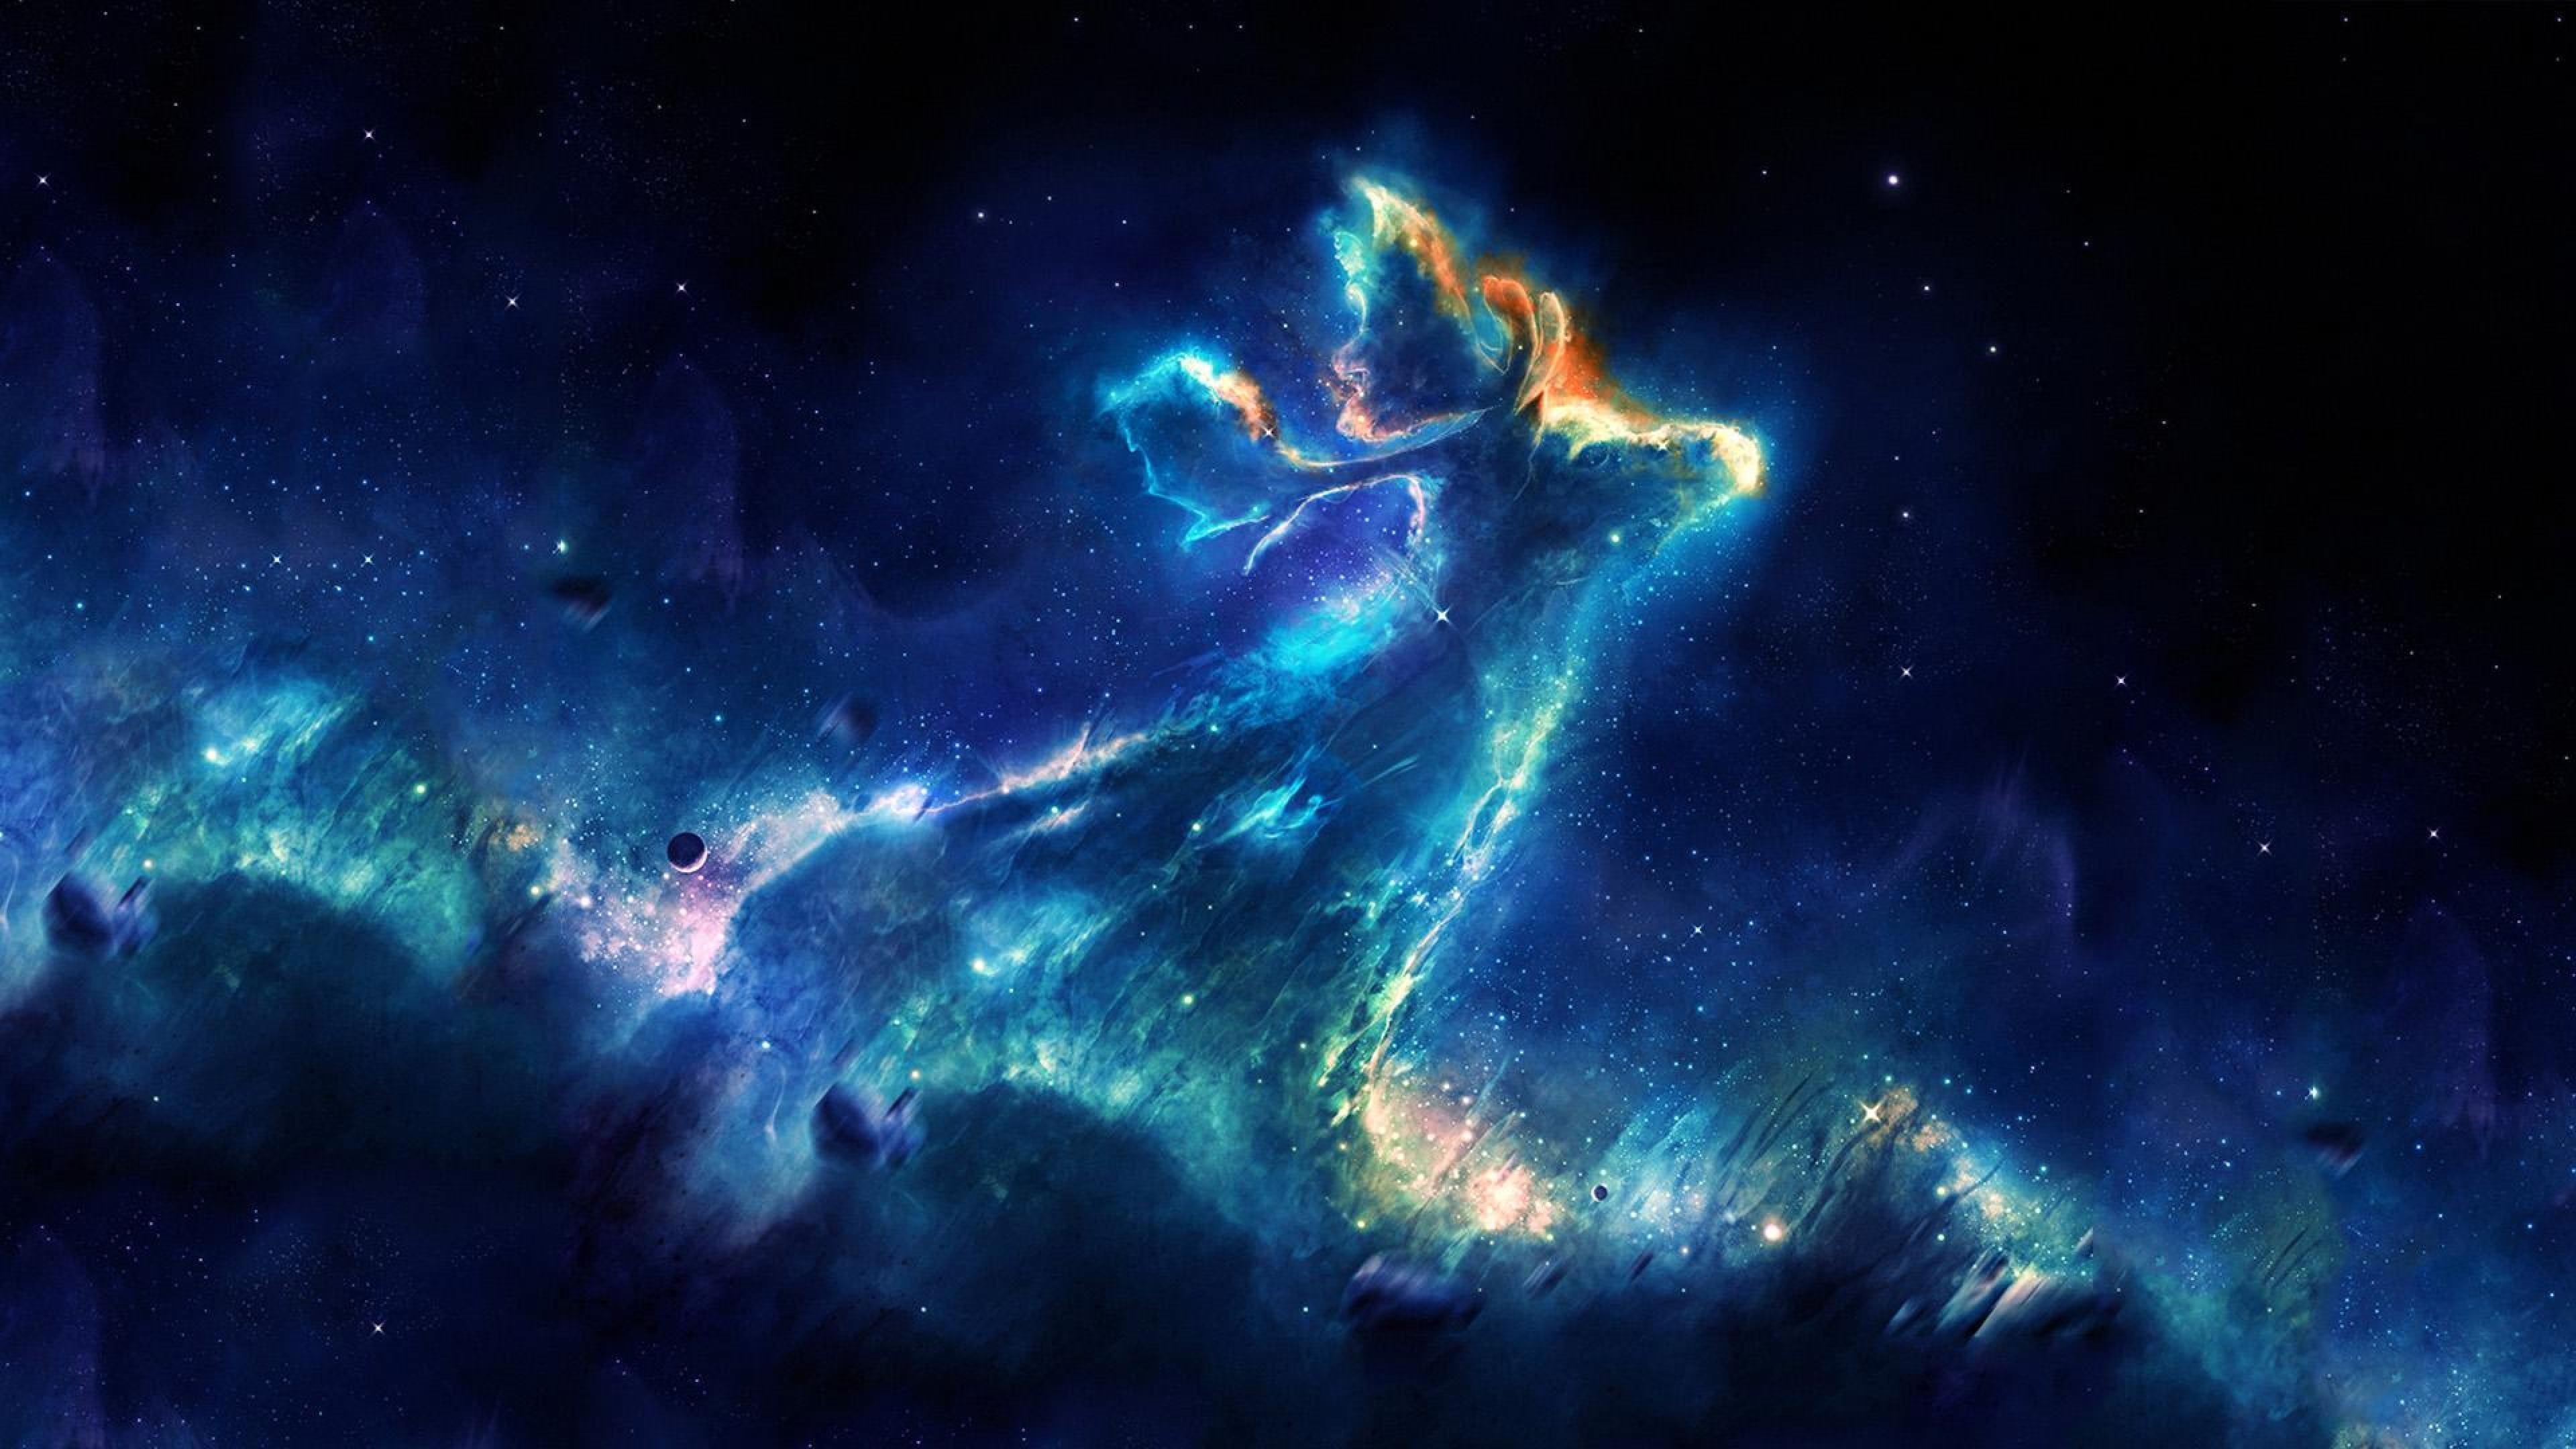 4k nebula wallpapers top free 4k nebula backgrounds wallpaperaccess - Nebula wallpaper hd ...